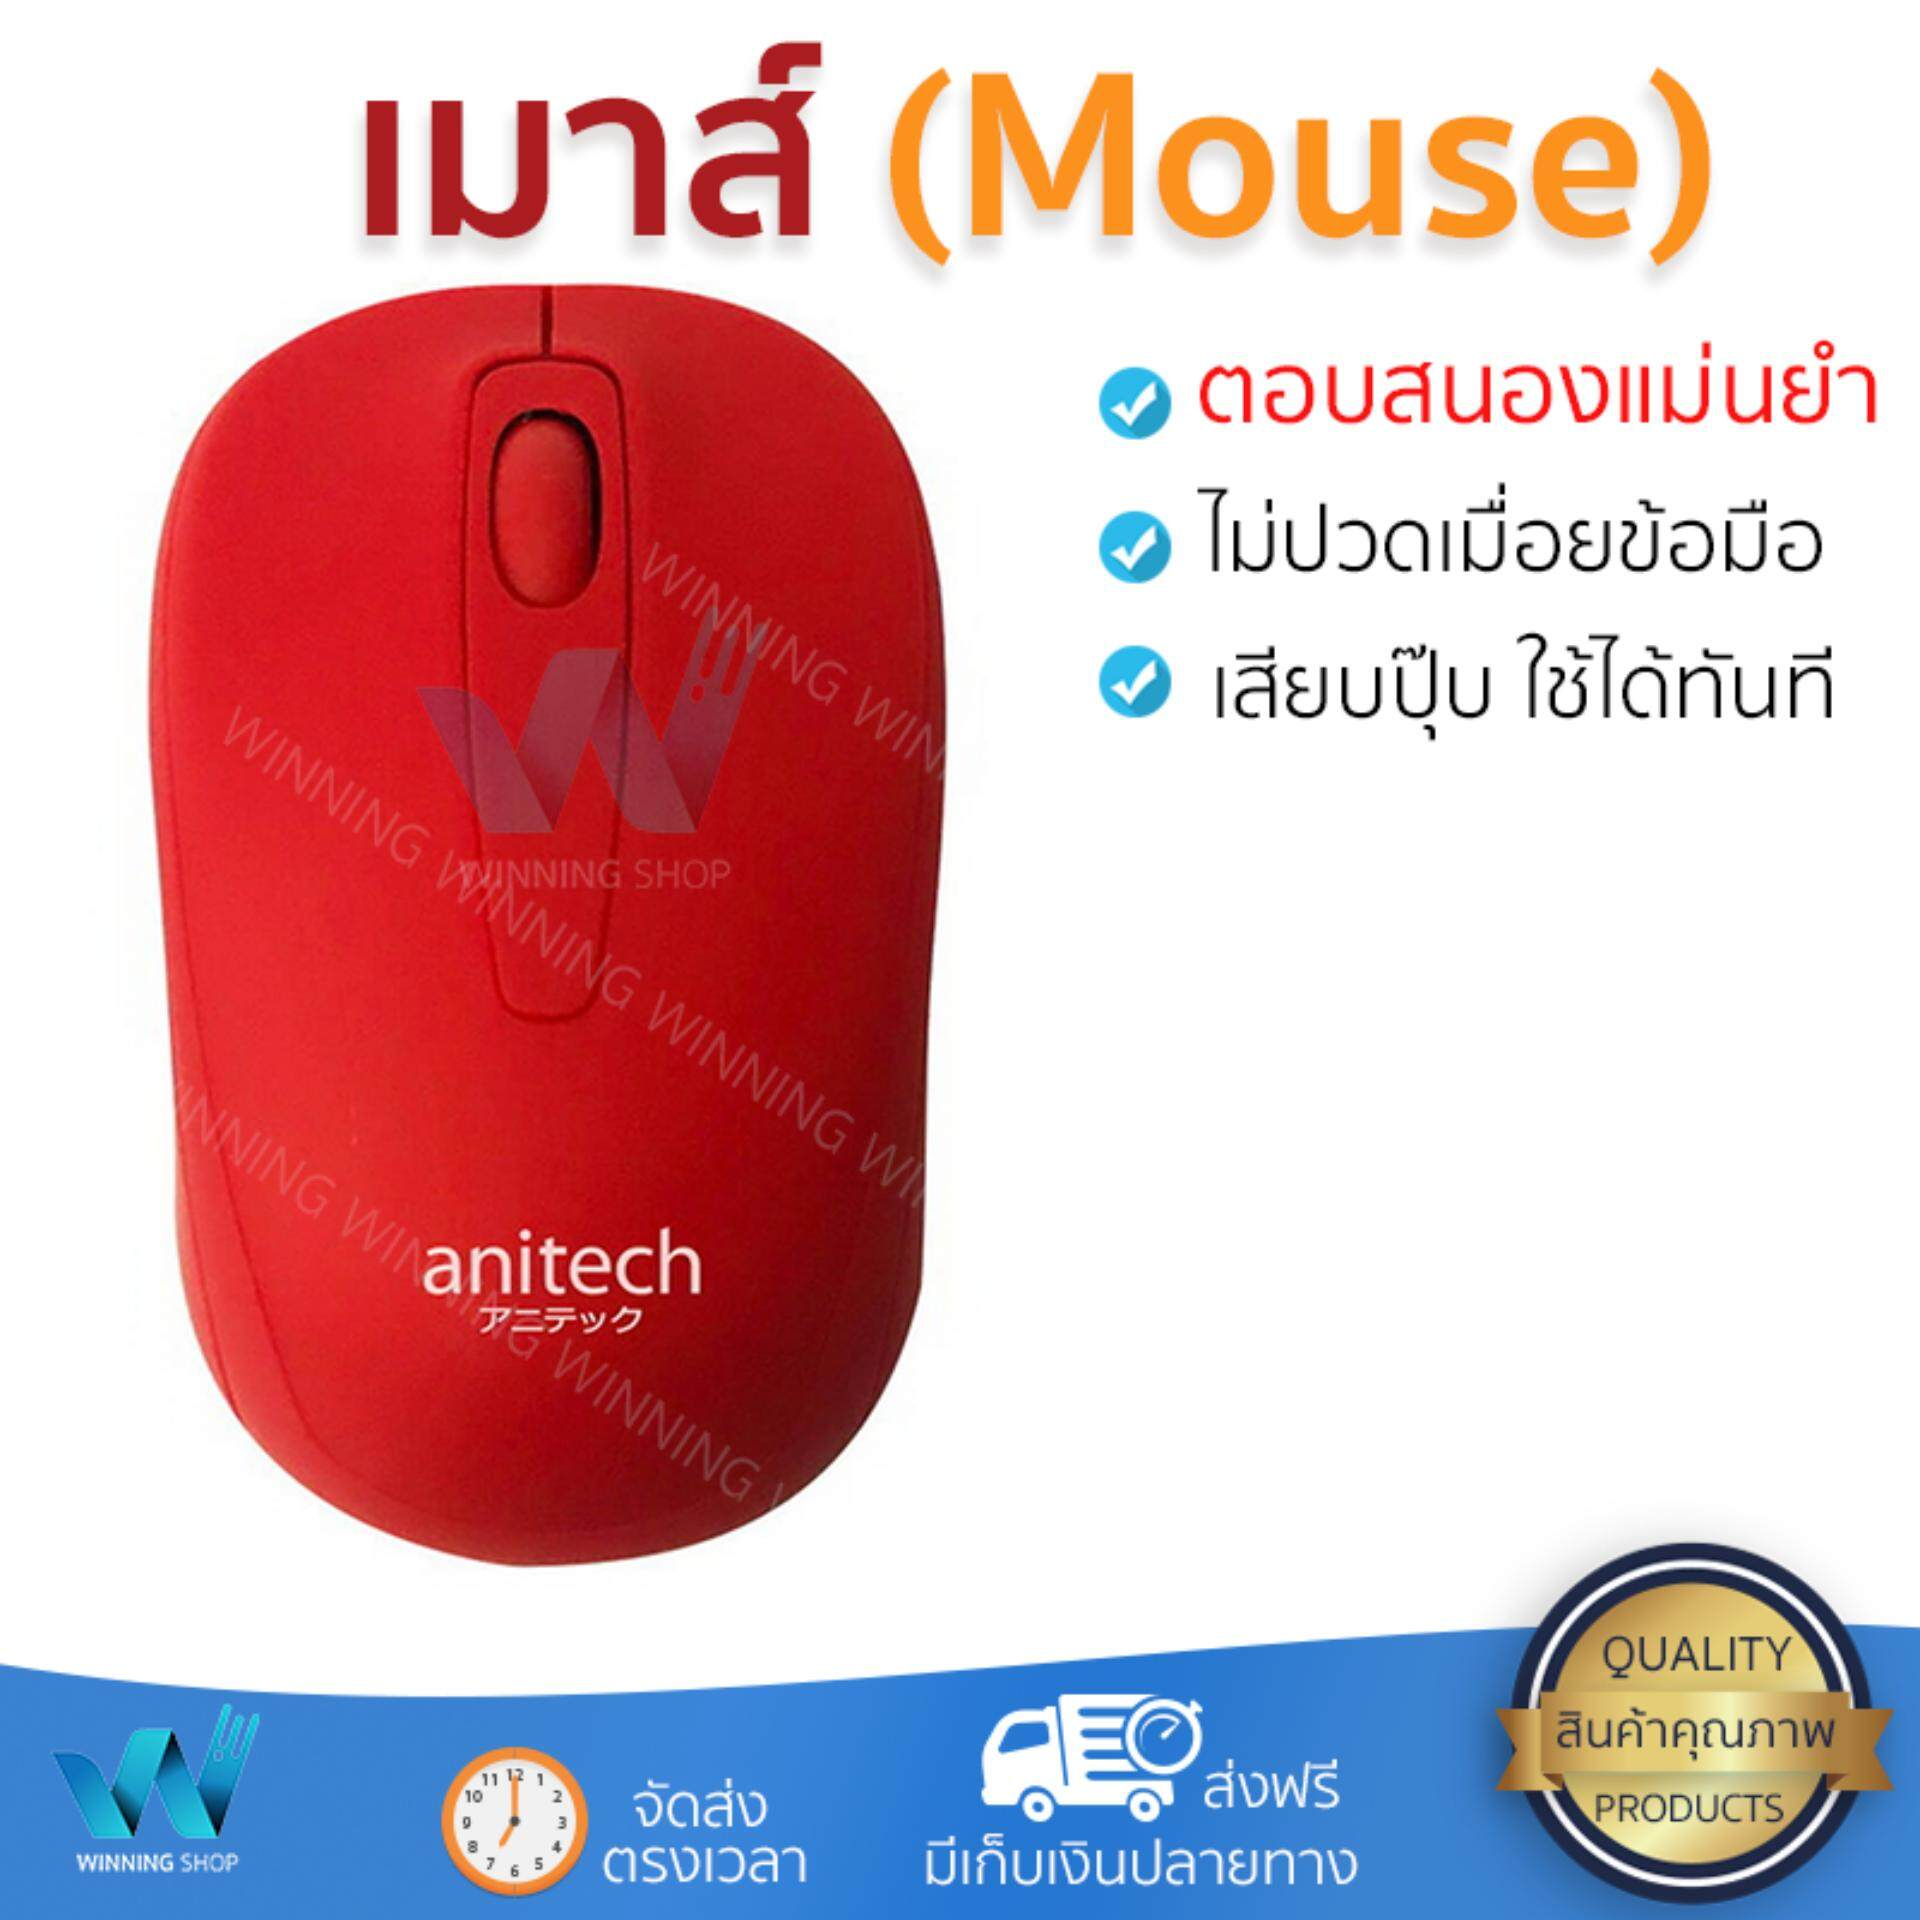 ขายดีมาก! รุ่นใหม่ล่าสุด เมาส์           LOGITECH เมาส์ไร้สาย (สีแดง) รุ่น M221             เซนเซอร์คุณภาพสูง ทำงานได้ลื่นไหล ไม่มีสะดุด Computer Mouse  รับประกันสินค้า 1 ปี จัดส่งฟรี Kerry ทั่วประเทศ